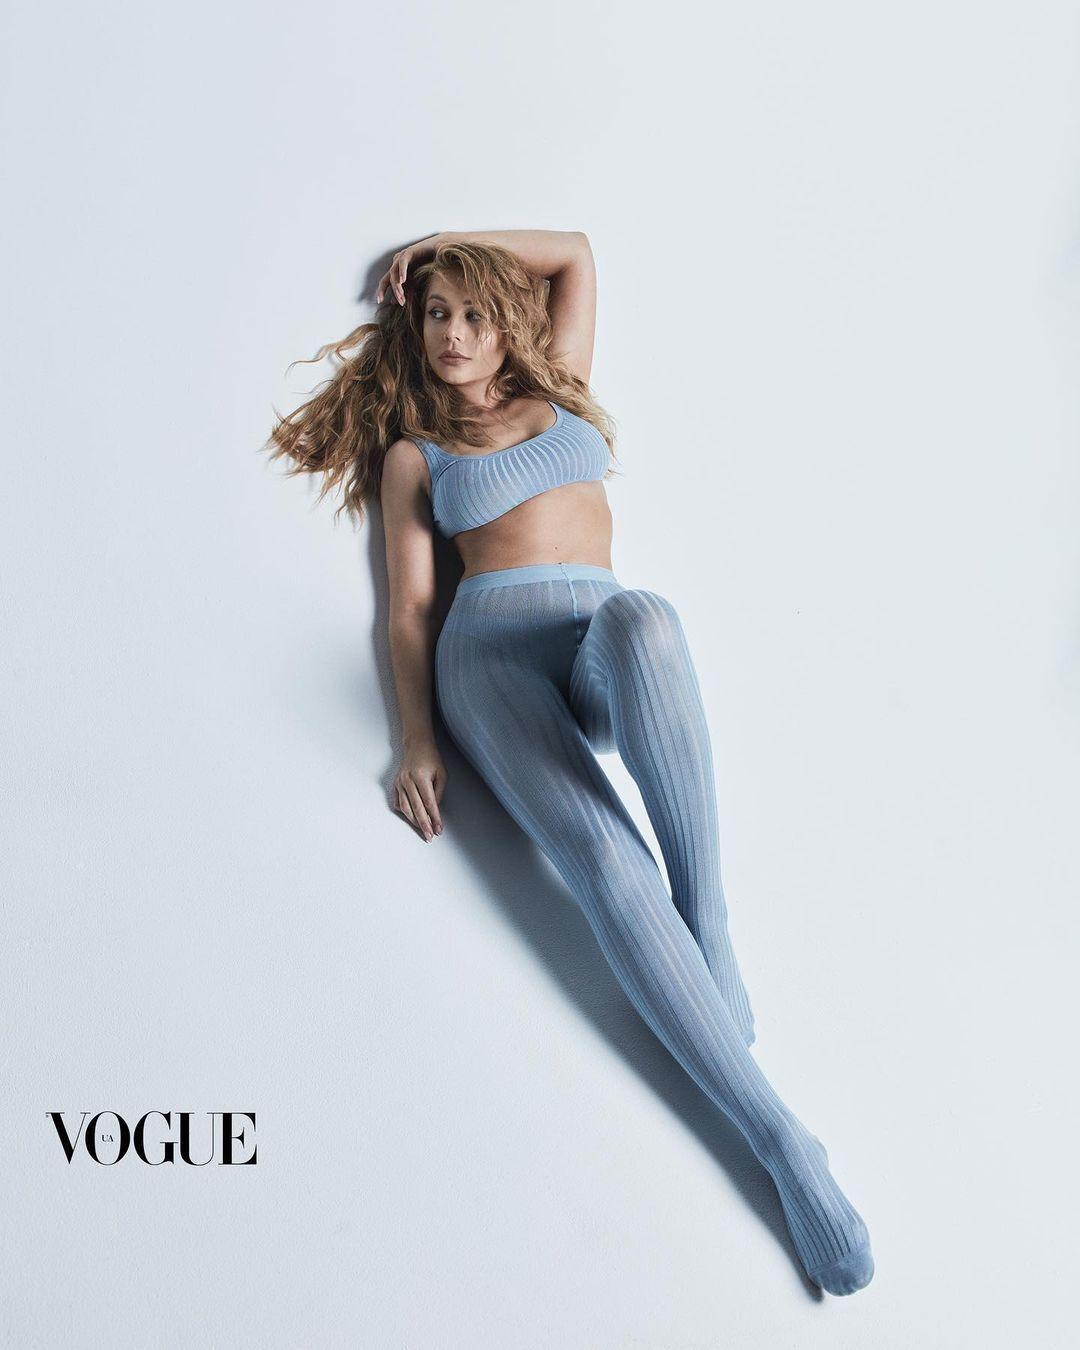 Тіна Кароль у провокаційній фотосесії для Vogue